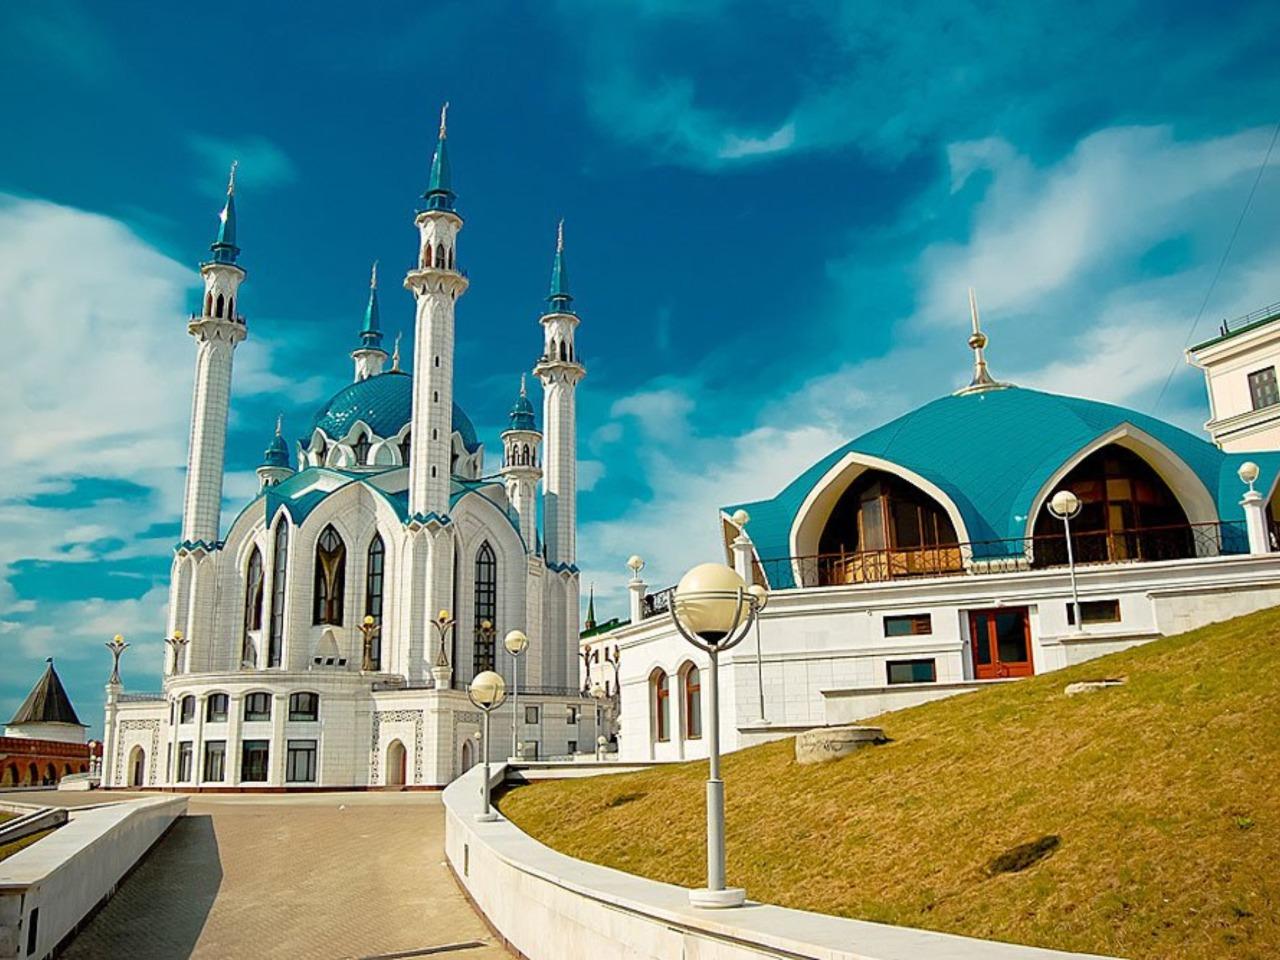 Пешеходная экскурсия по Казанскому Кремлю - групповая экскурсия в Казани от опытного гида